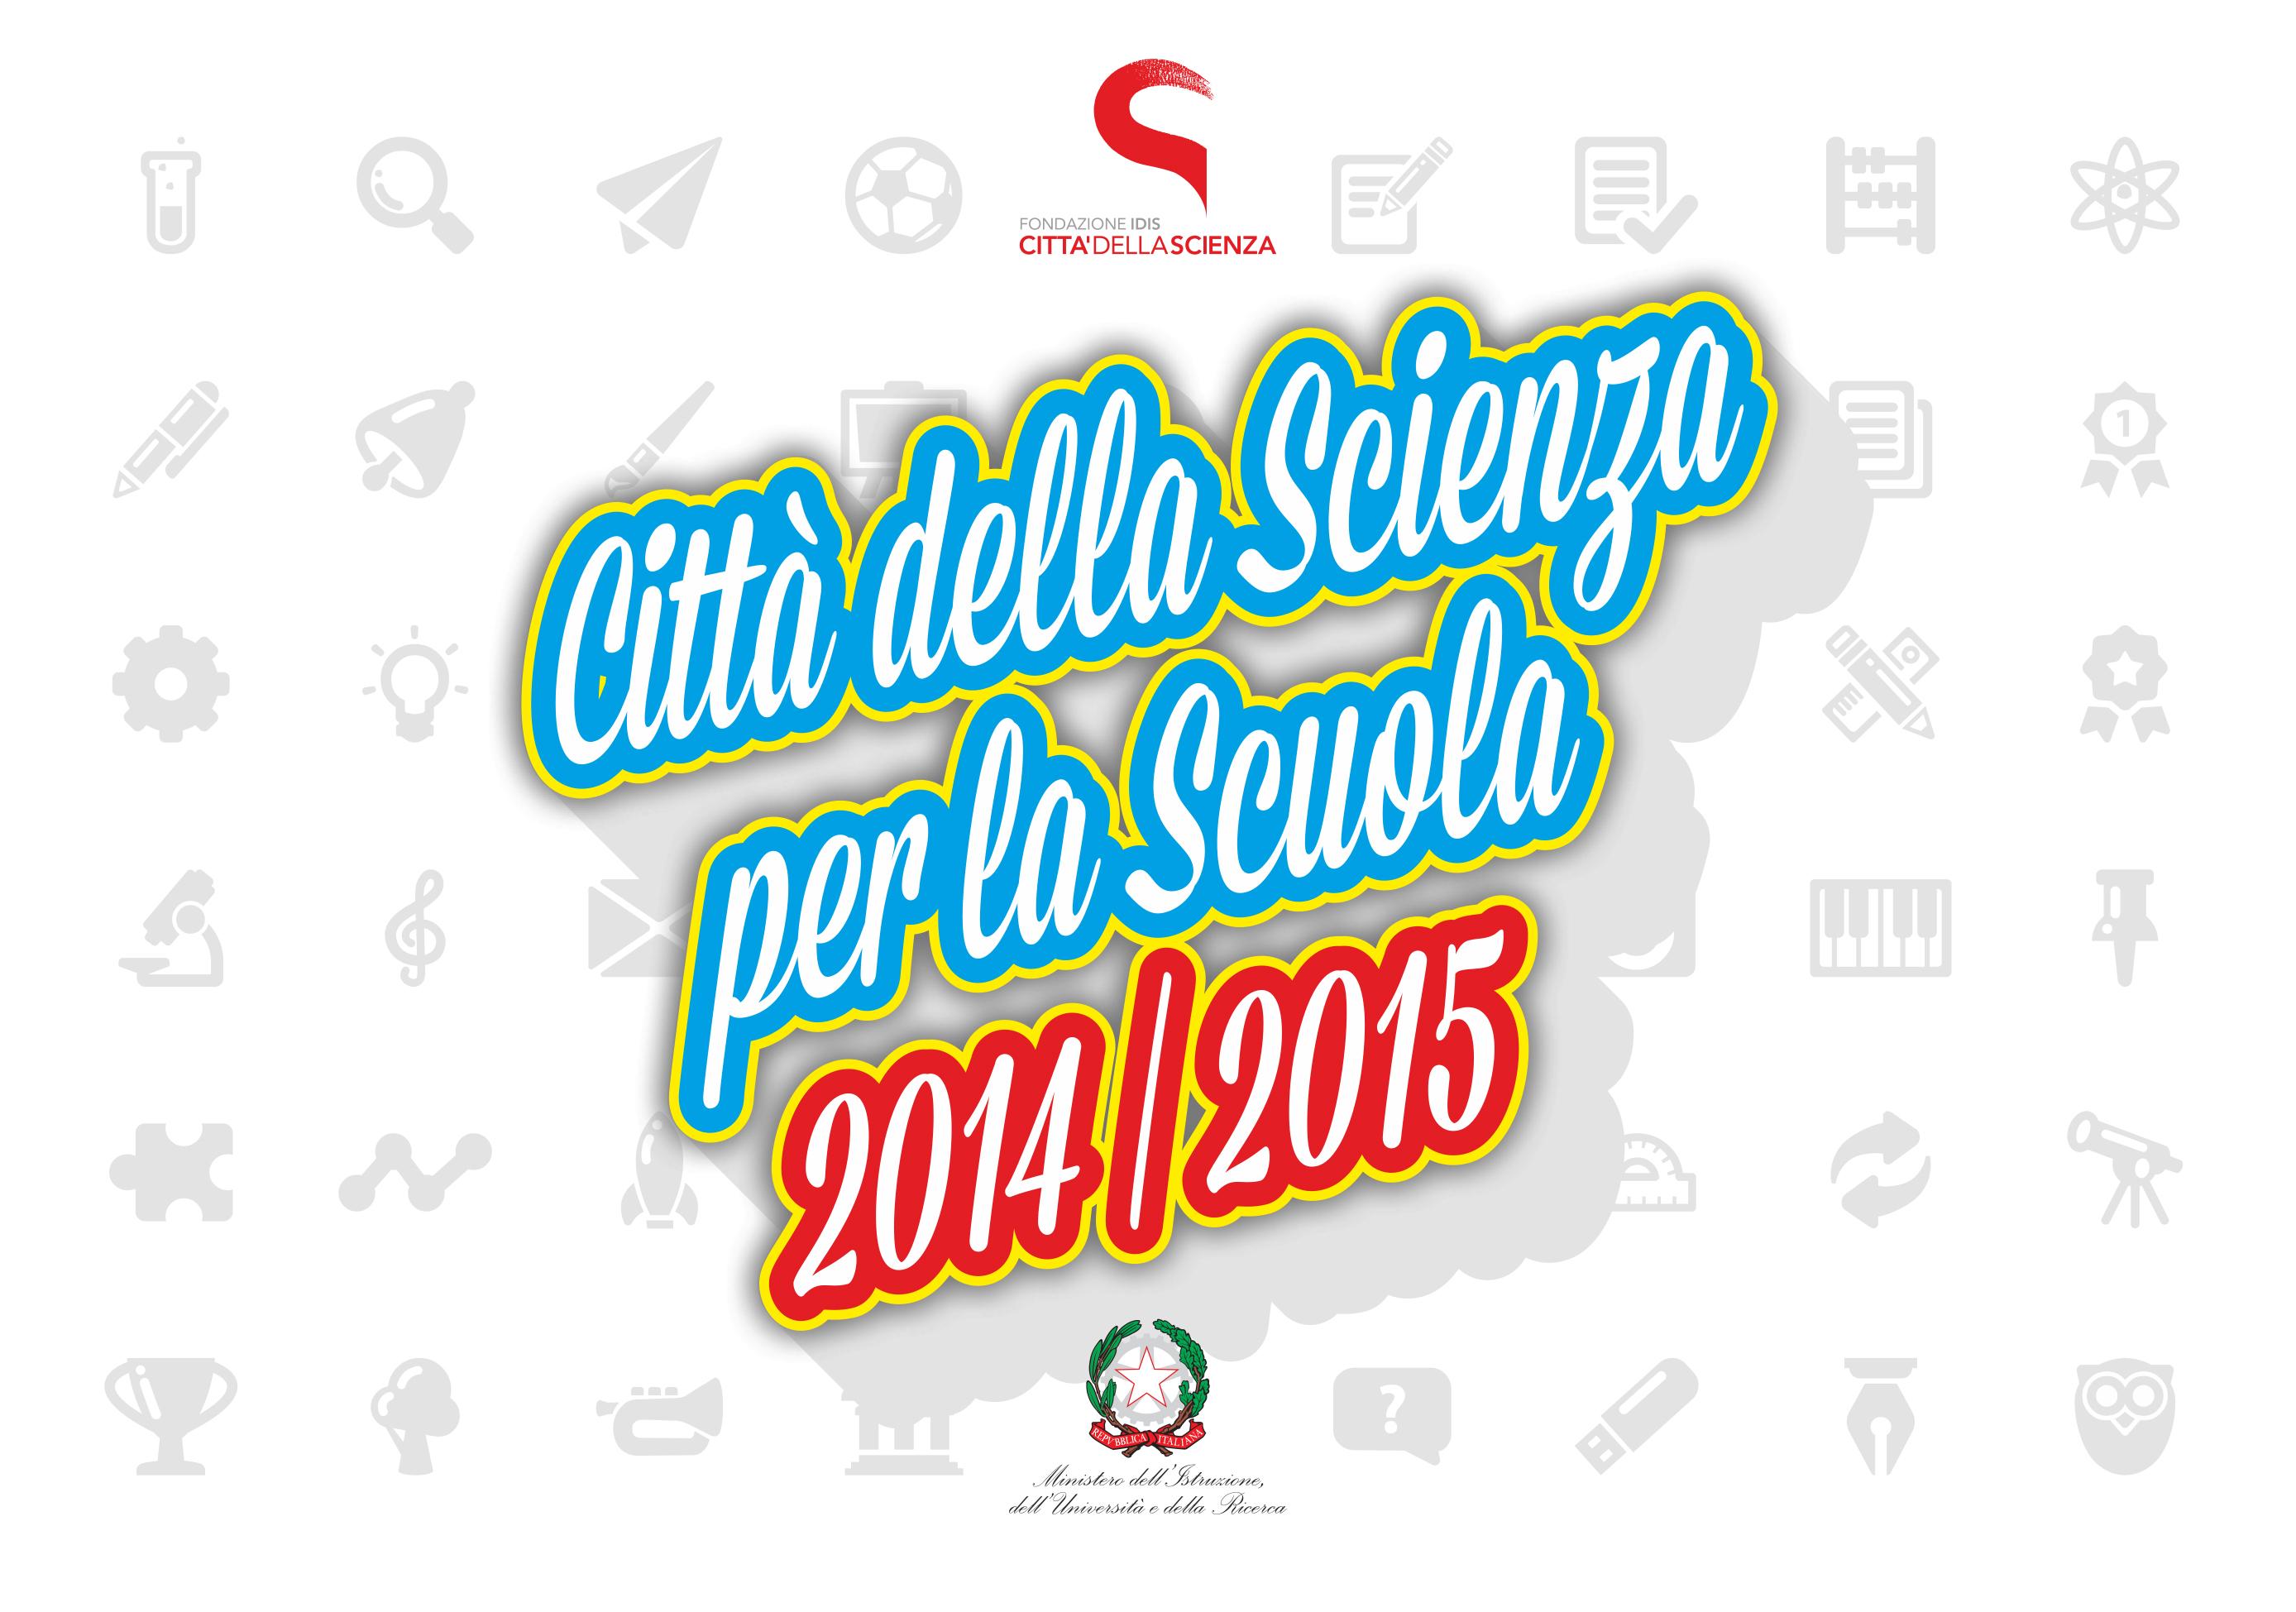 Catalogo Scuola 2014 - 2015